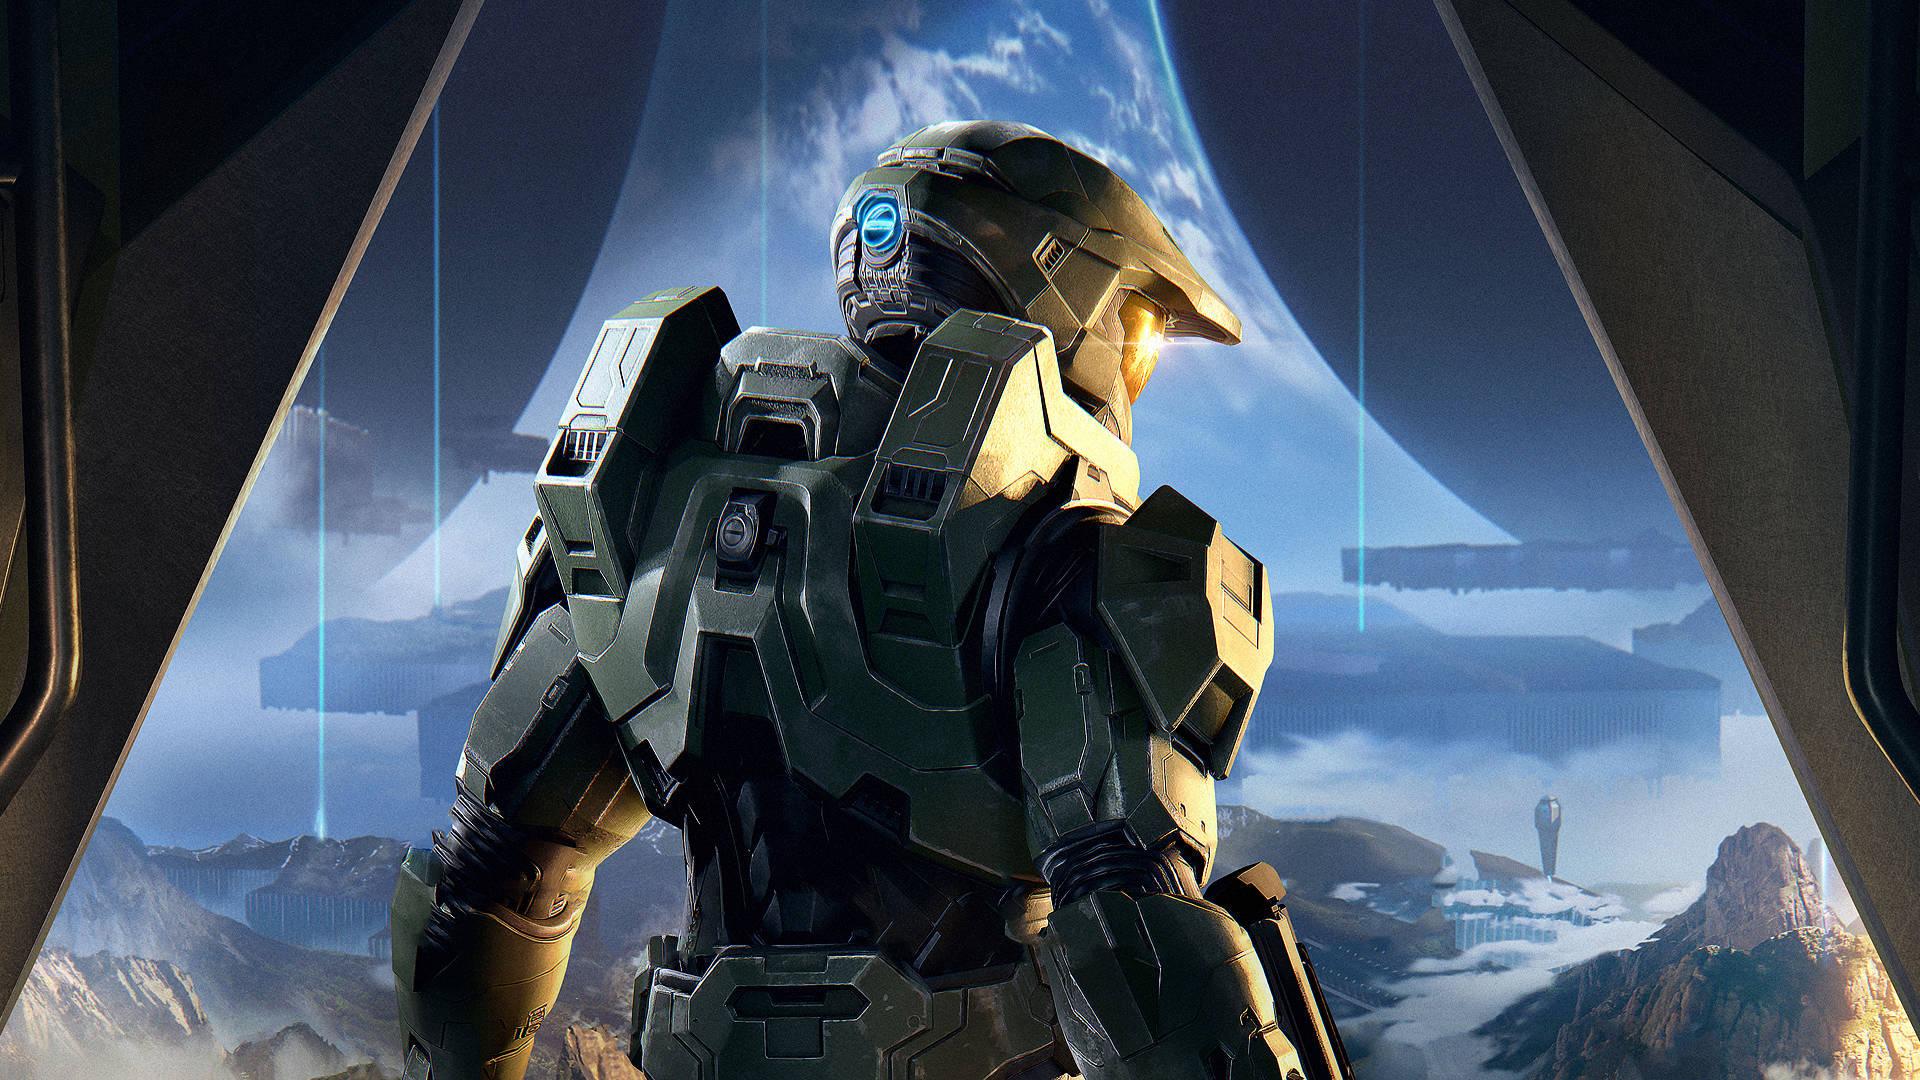 Alles wat je moet weten over Halo Infinite